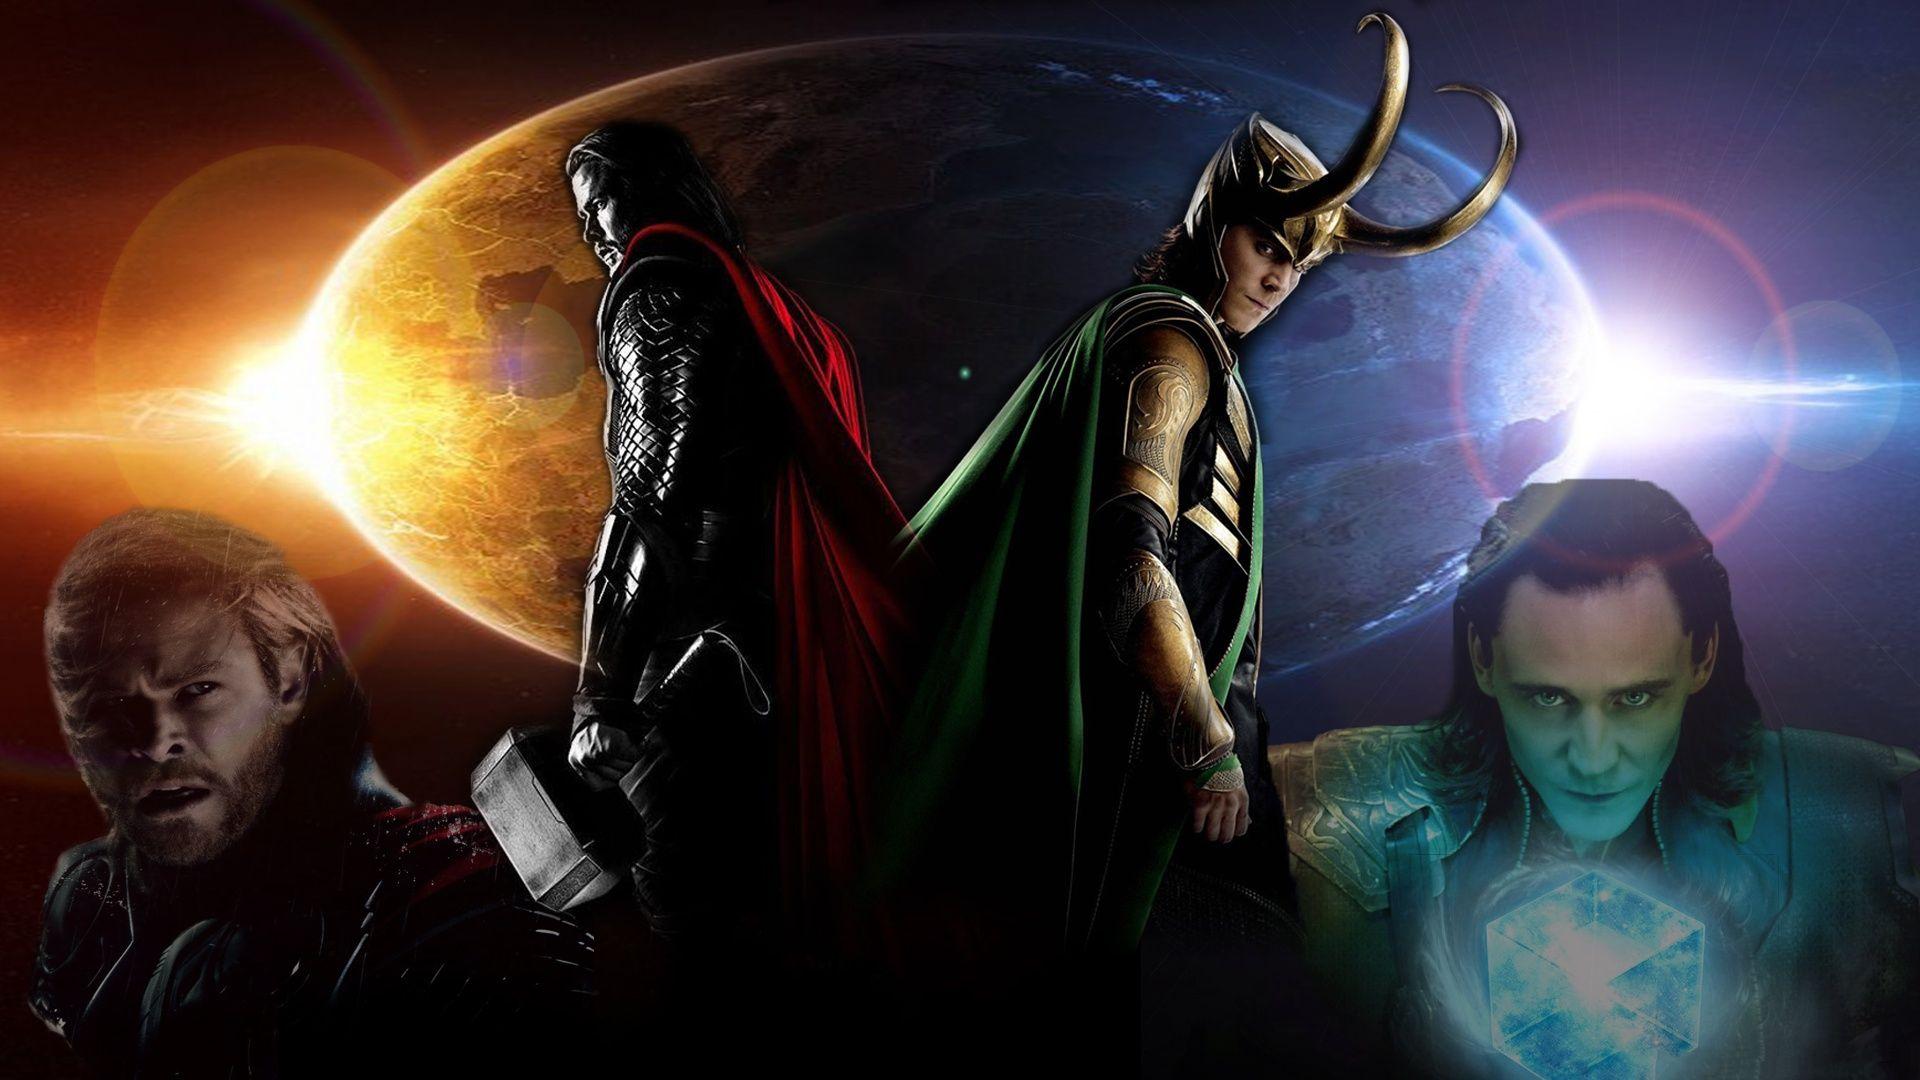 Most Inspiring Wallpaper Marvel Loki - 6887958955477adb7c67dd9679ecd5aa  Trends_1001865.jpg